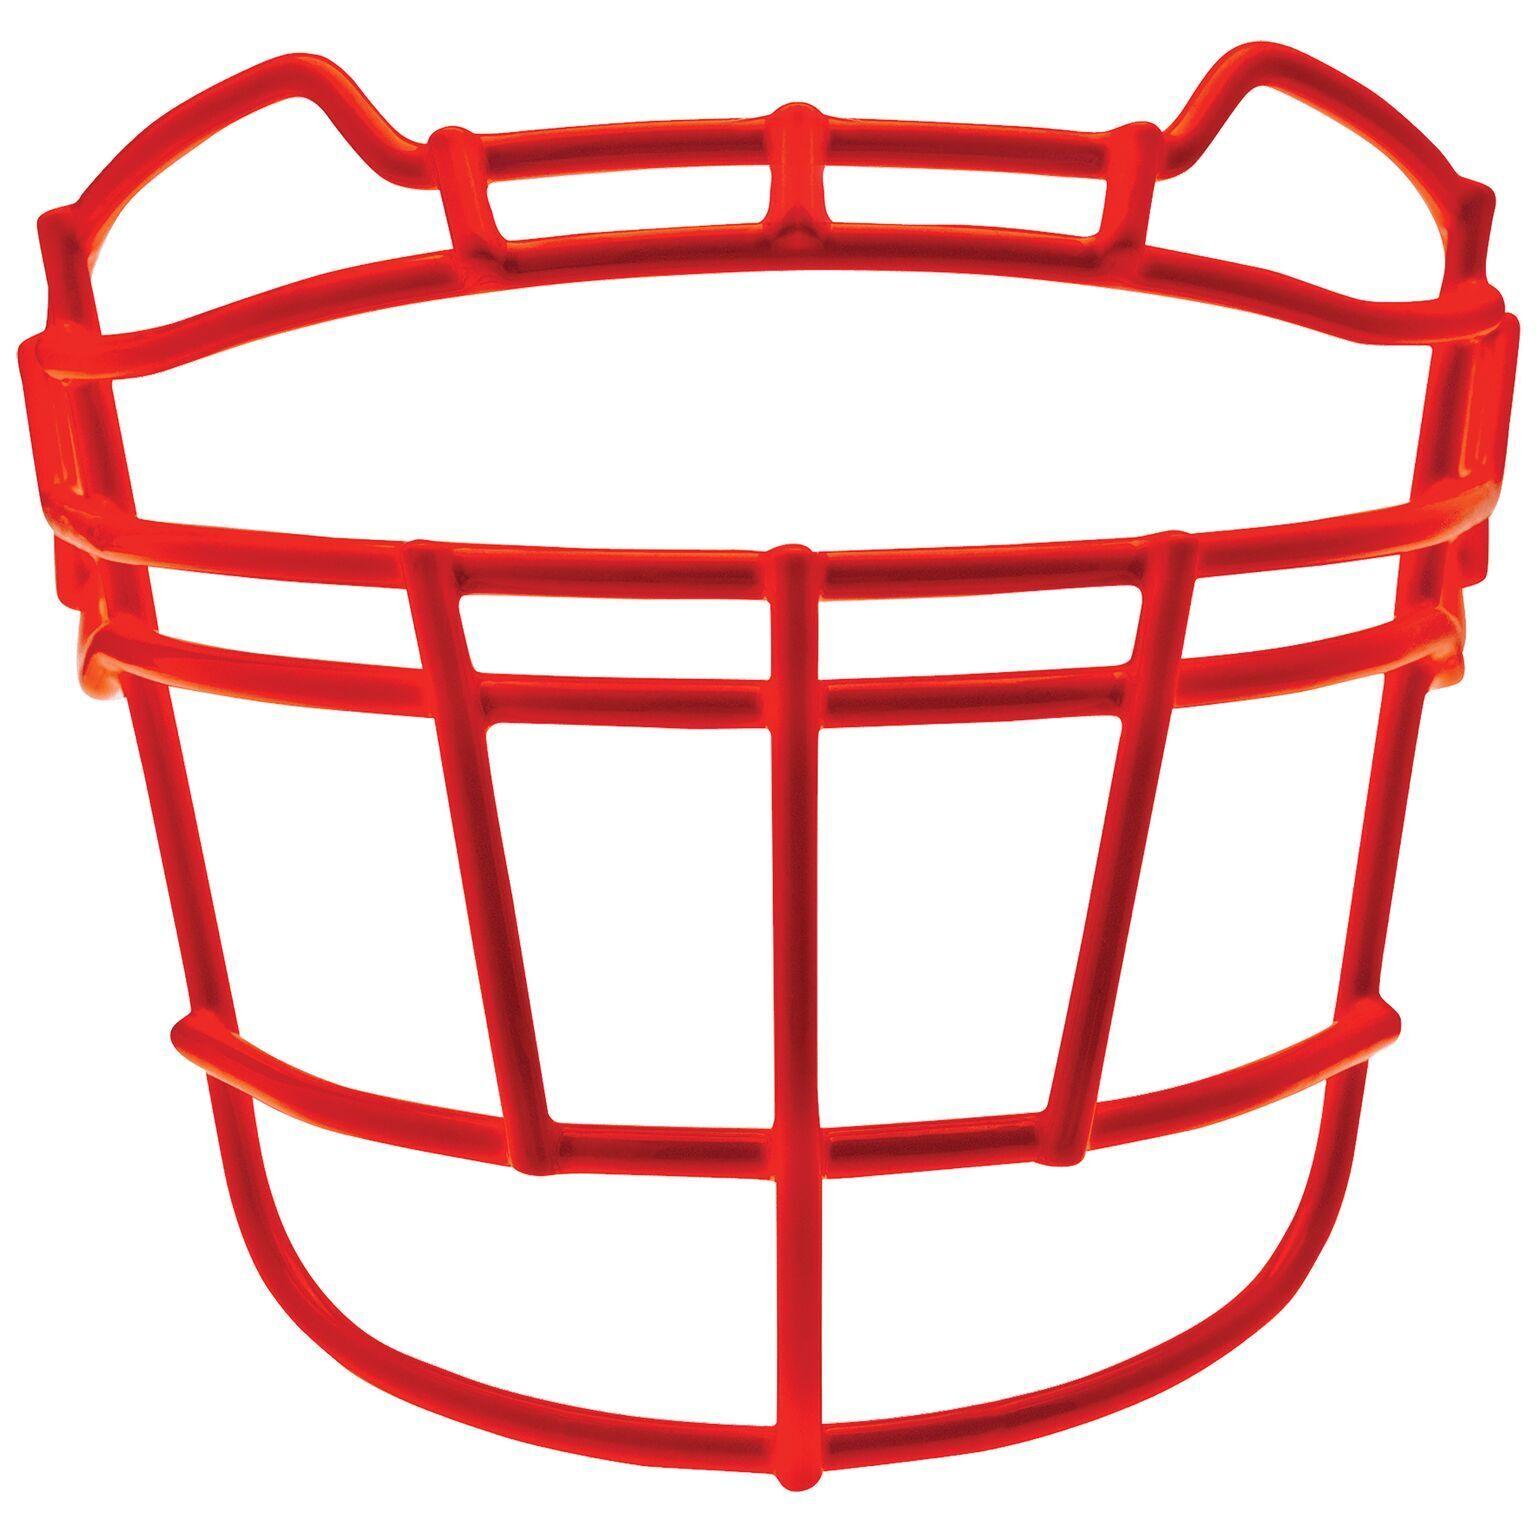 Schutt Vengeance V-RJOP-DW-TRAD Adult Football Helmet Facemask SCARLET RED